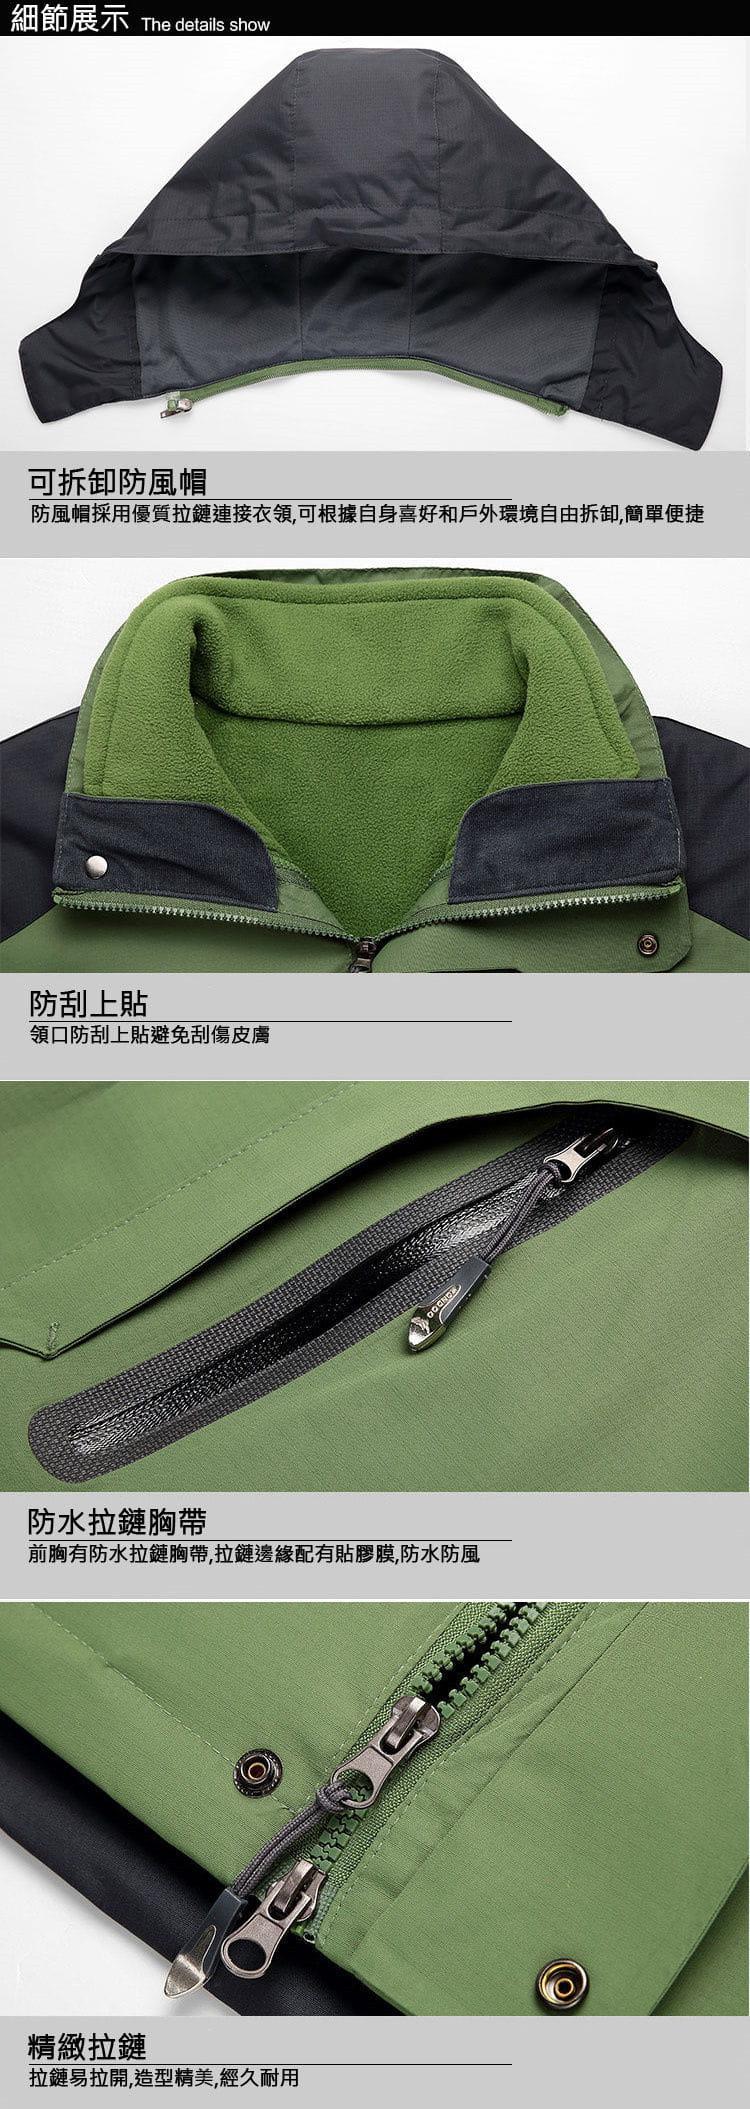 加大碼三合一真禦寒機能衝鋒衣外套  防水防風戶外登山外套 男/女款 XL~8XL【CP16001】 14